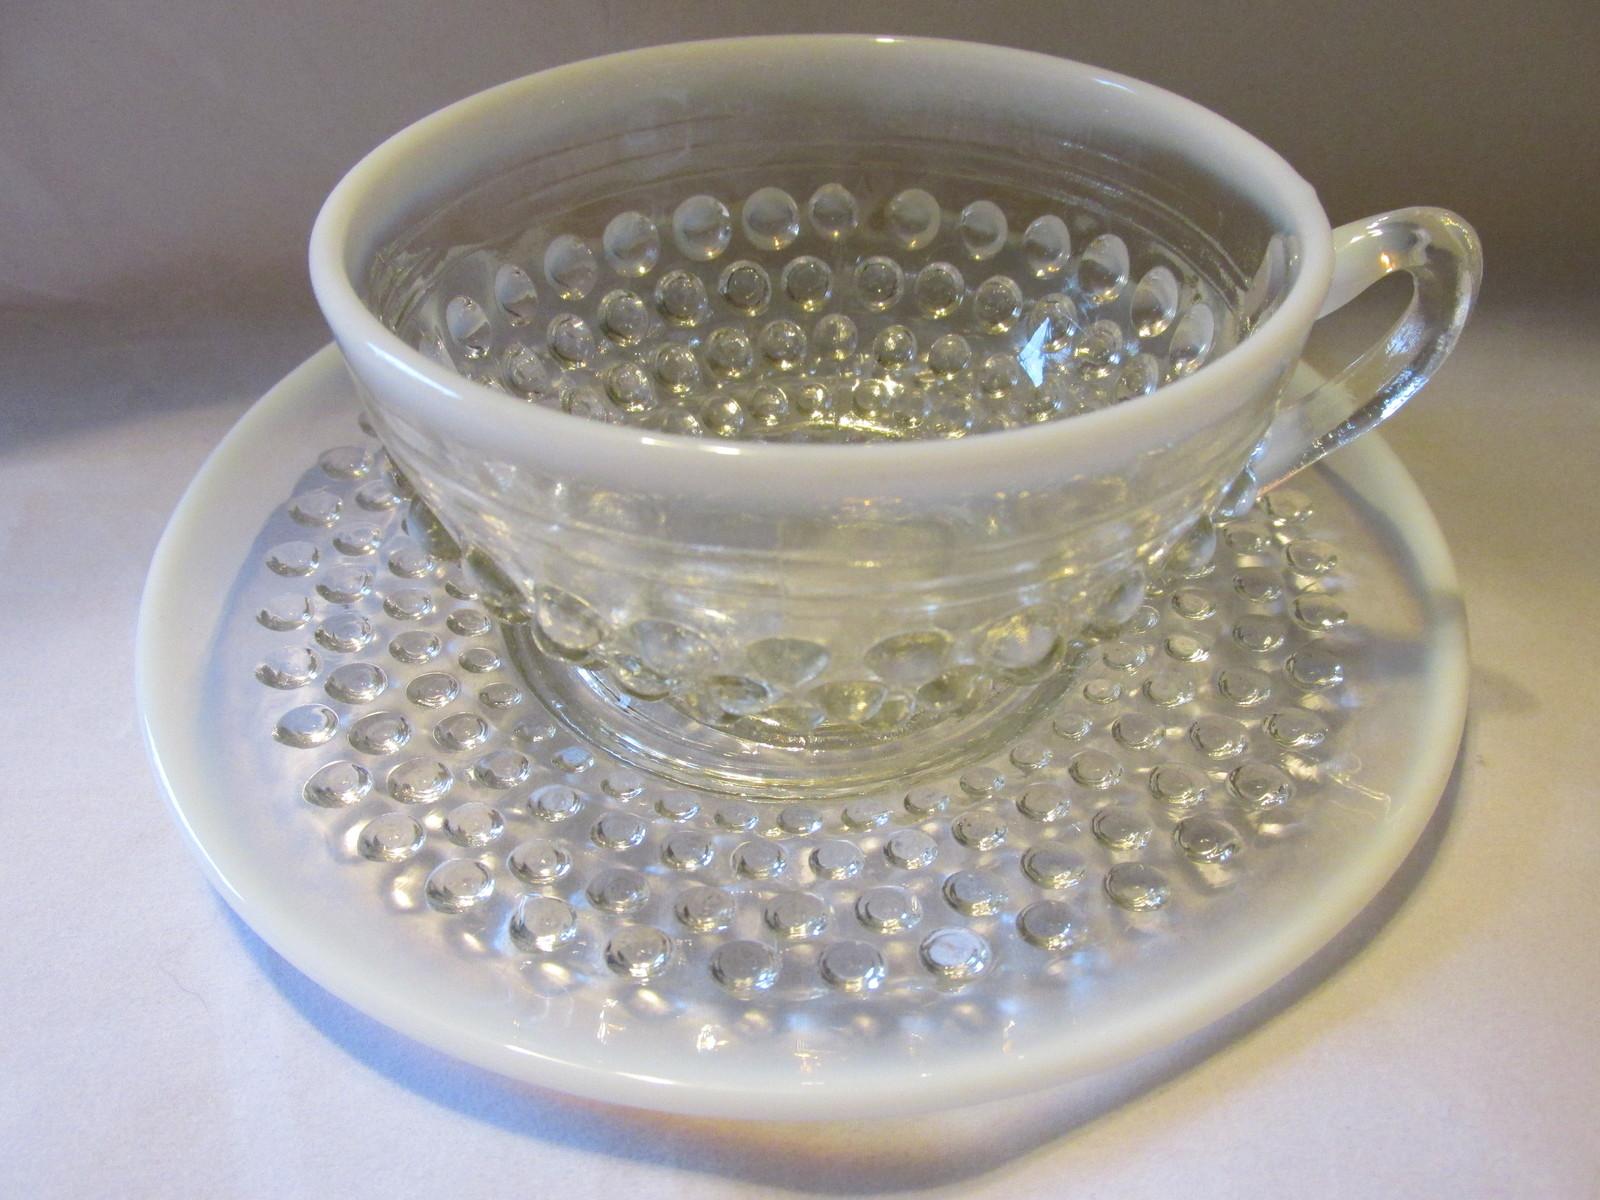 Vintage Moonstone Opalescent Hobnail Cup & Saucer - Anchor Hocking, 1941-1946